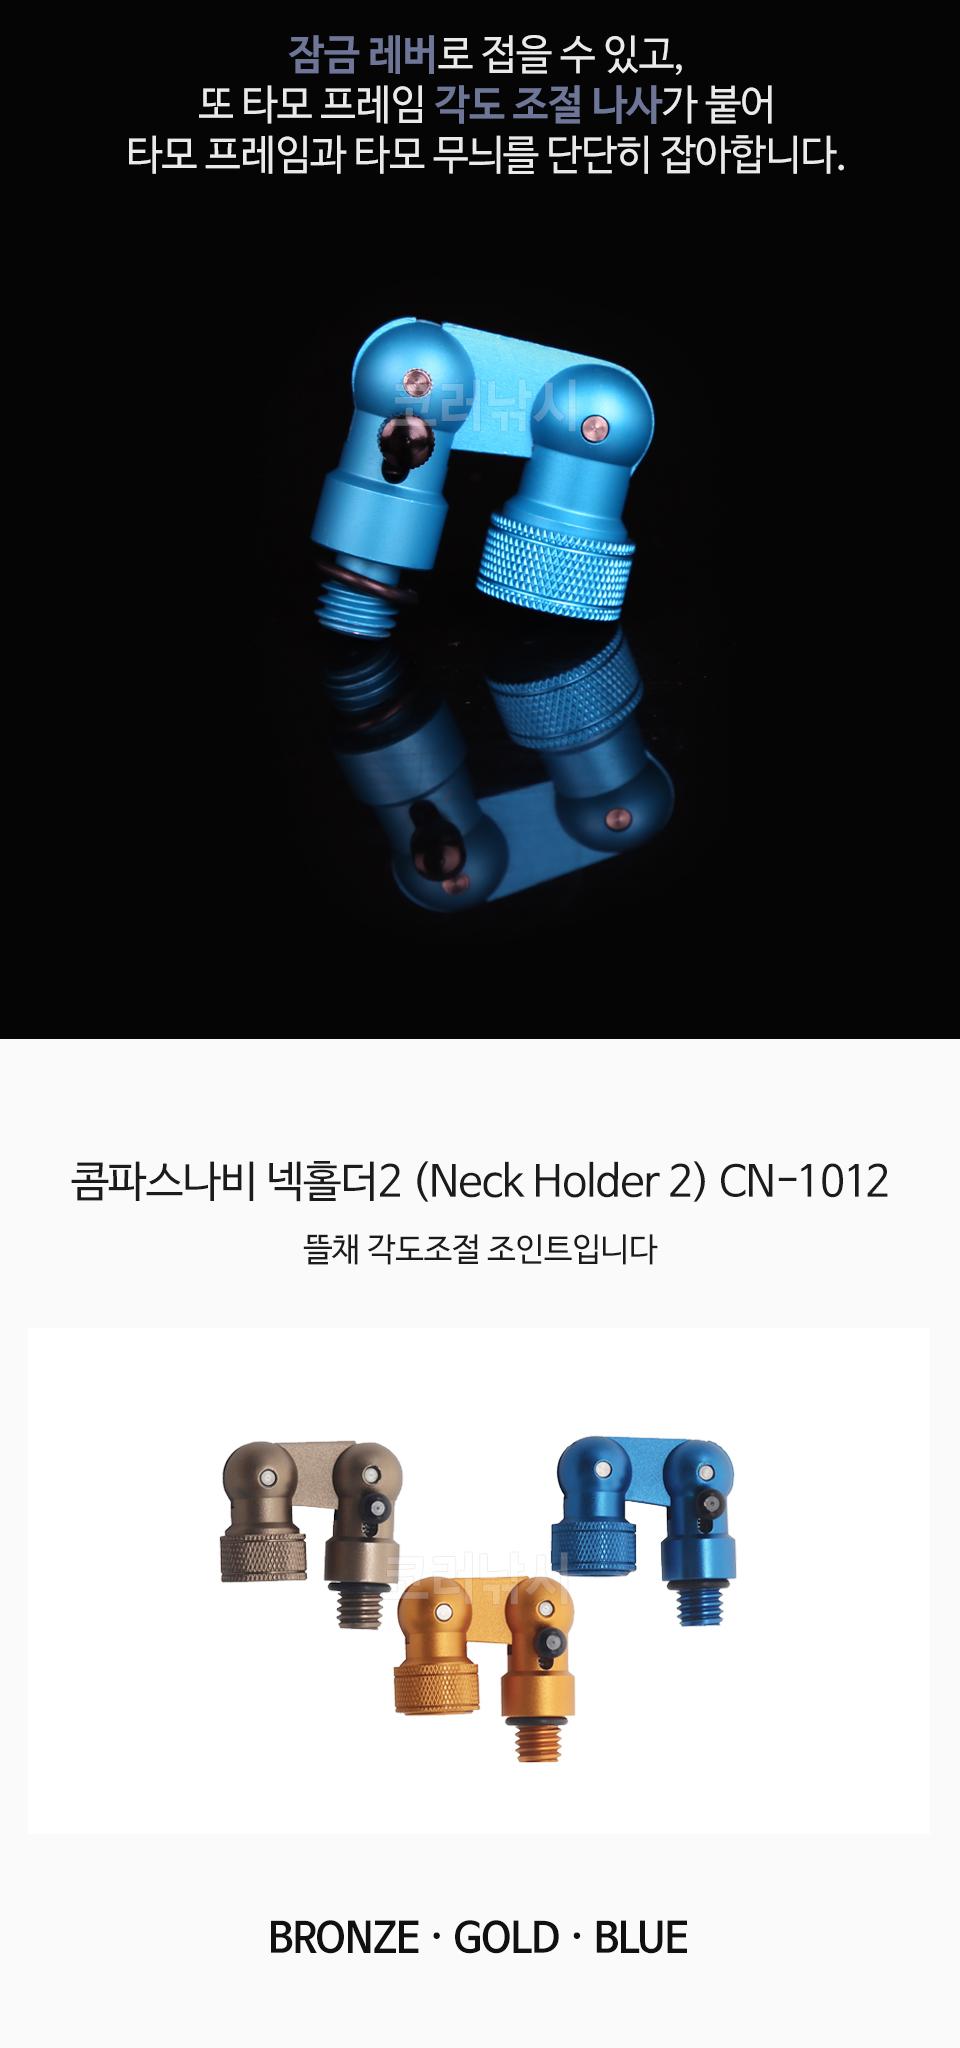 콤파스나비 넥홀더 2 (Neck Holder 2) (CN-101 2) 타카산교 타모조인트 뜰채프레임각도조절기 뜰채각도조절조인트